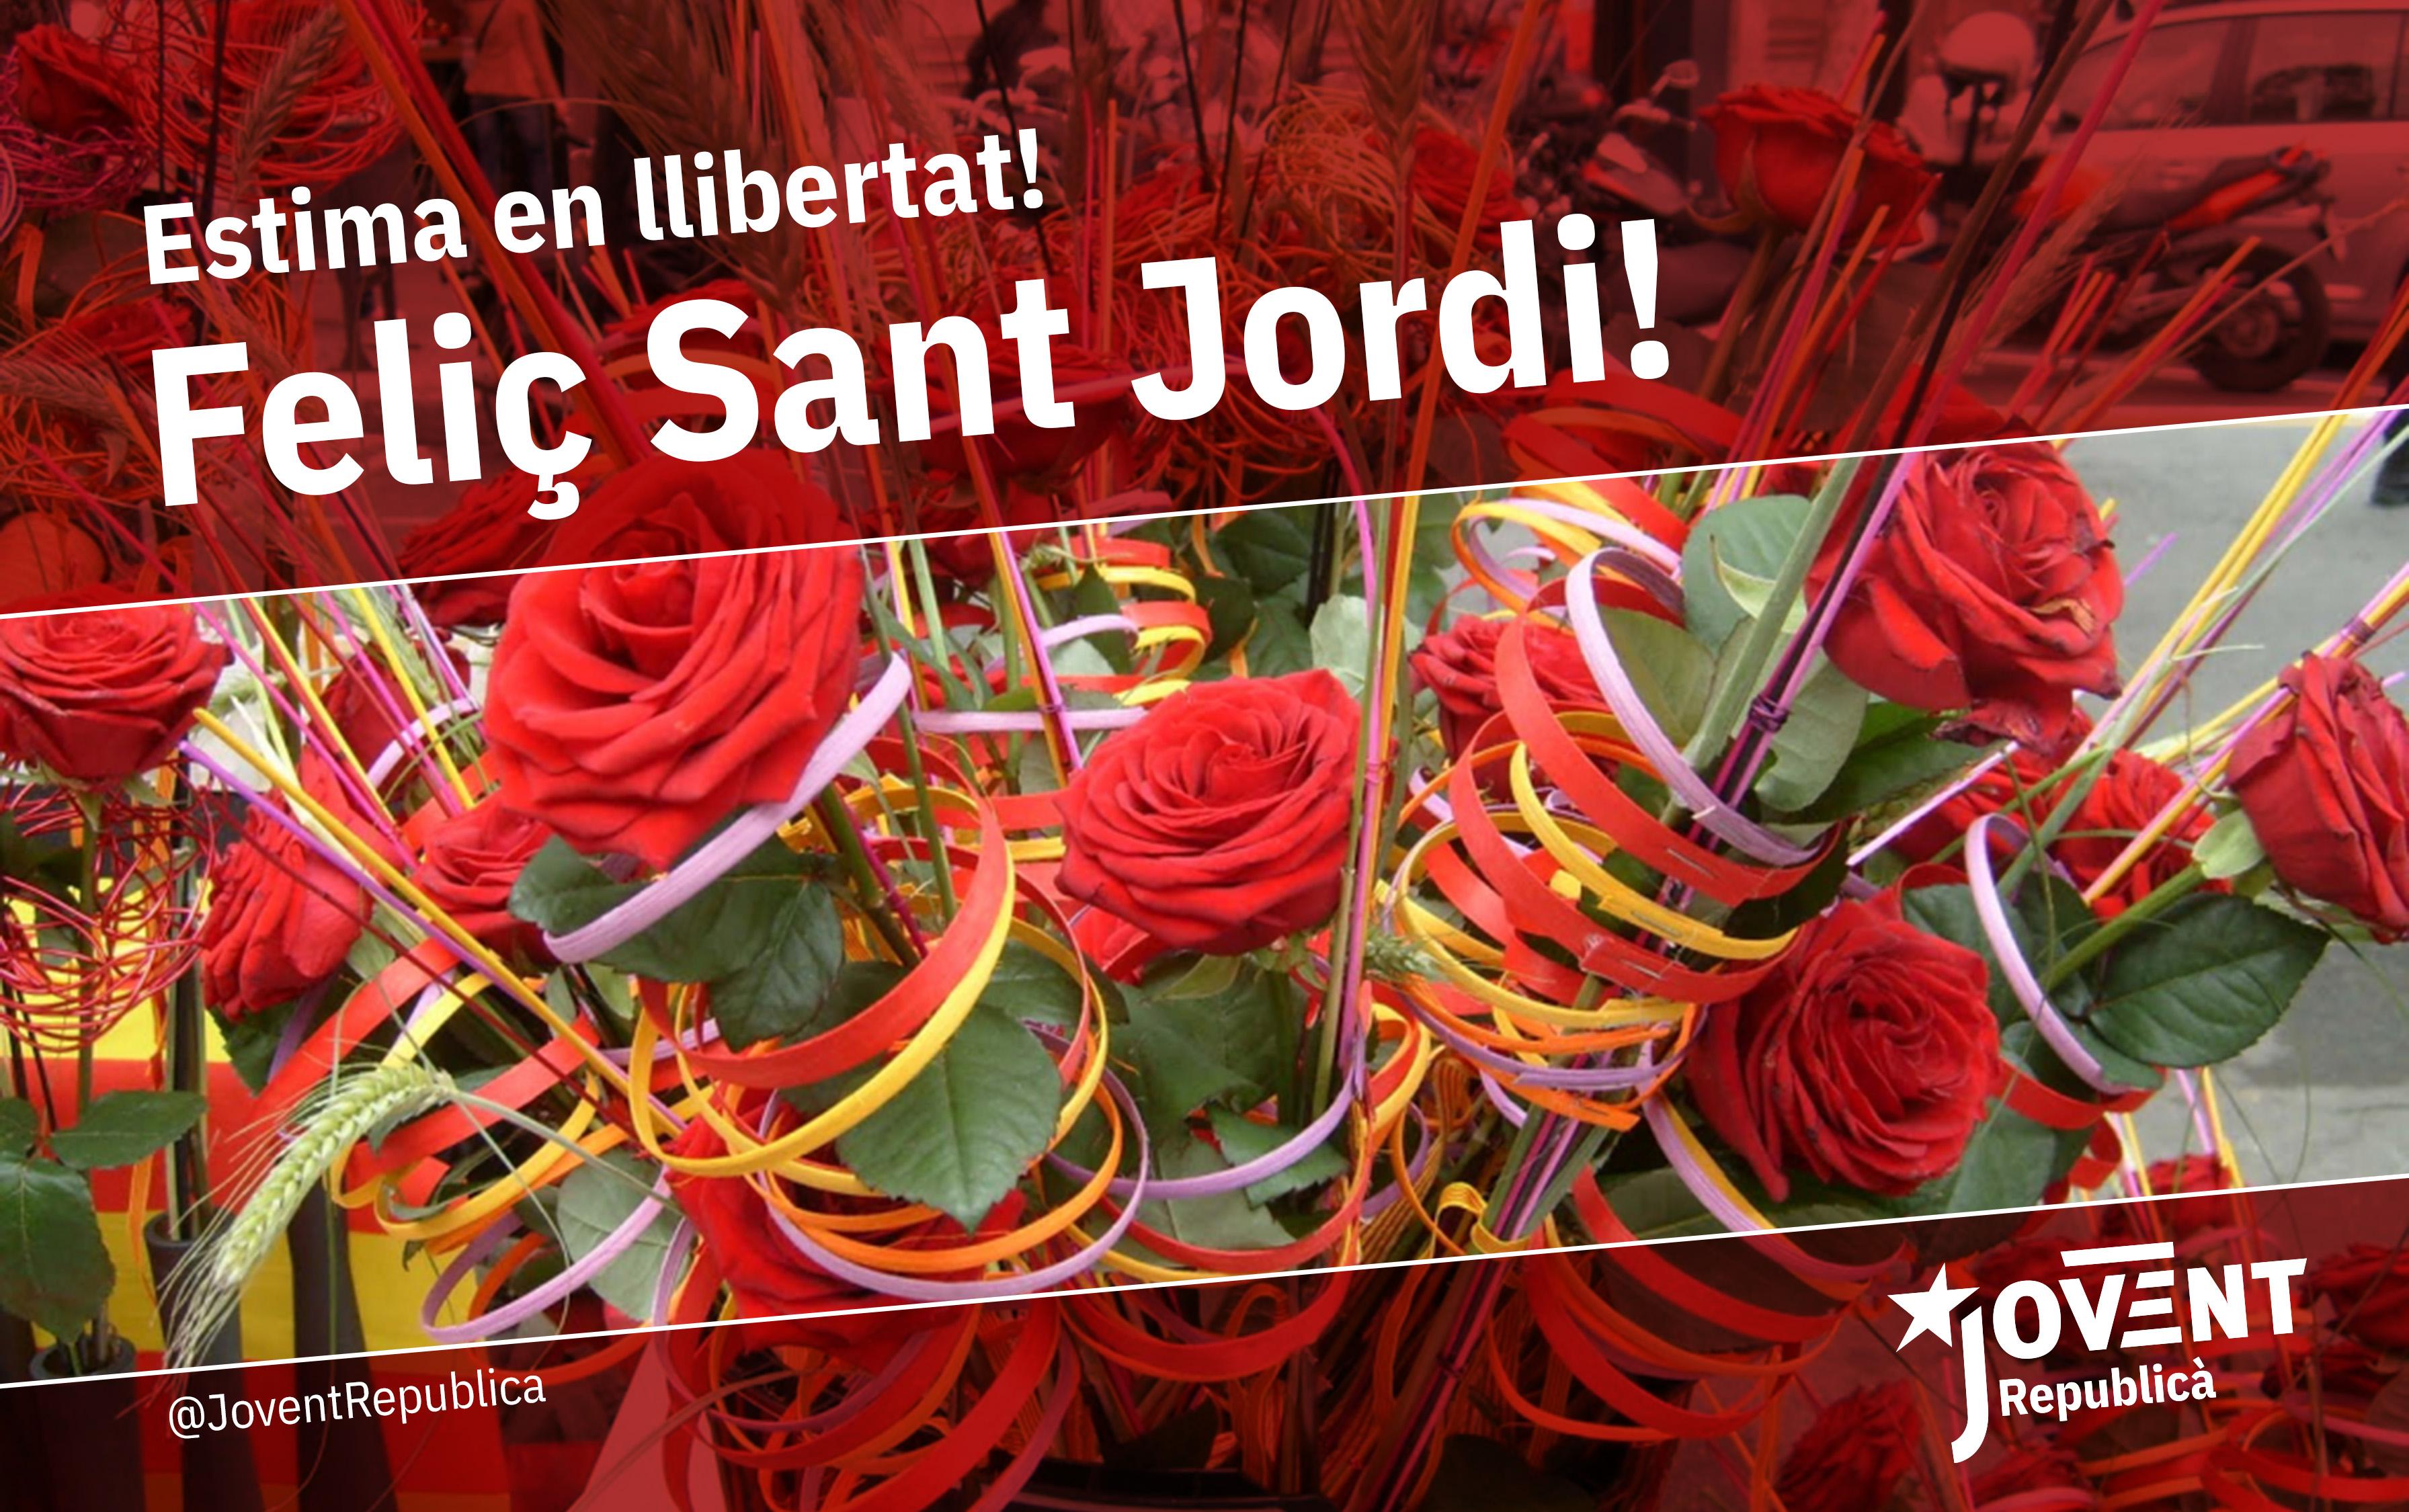 Visca l'amor i la llibertat! Feliç Sant Jordi!